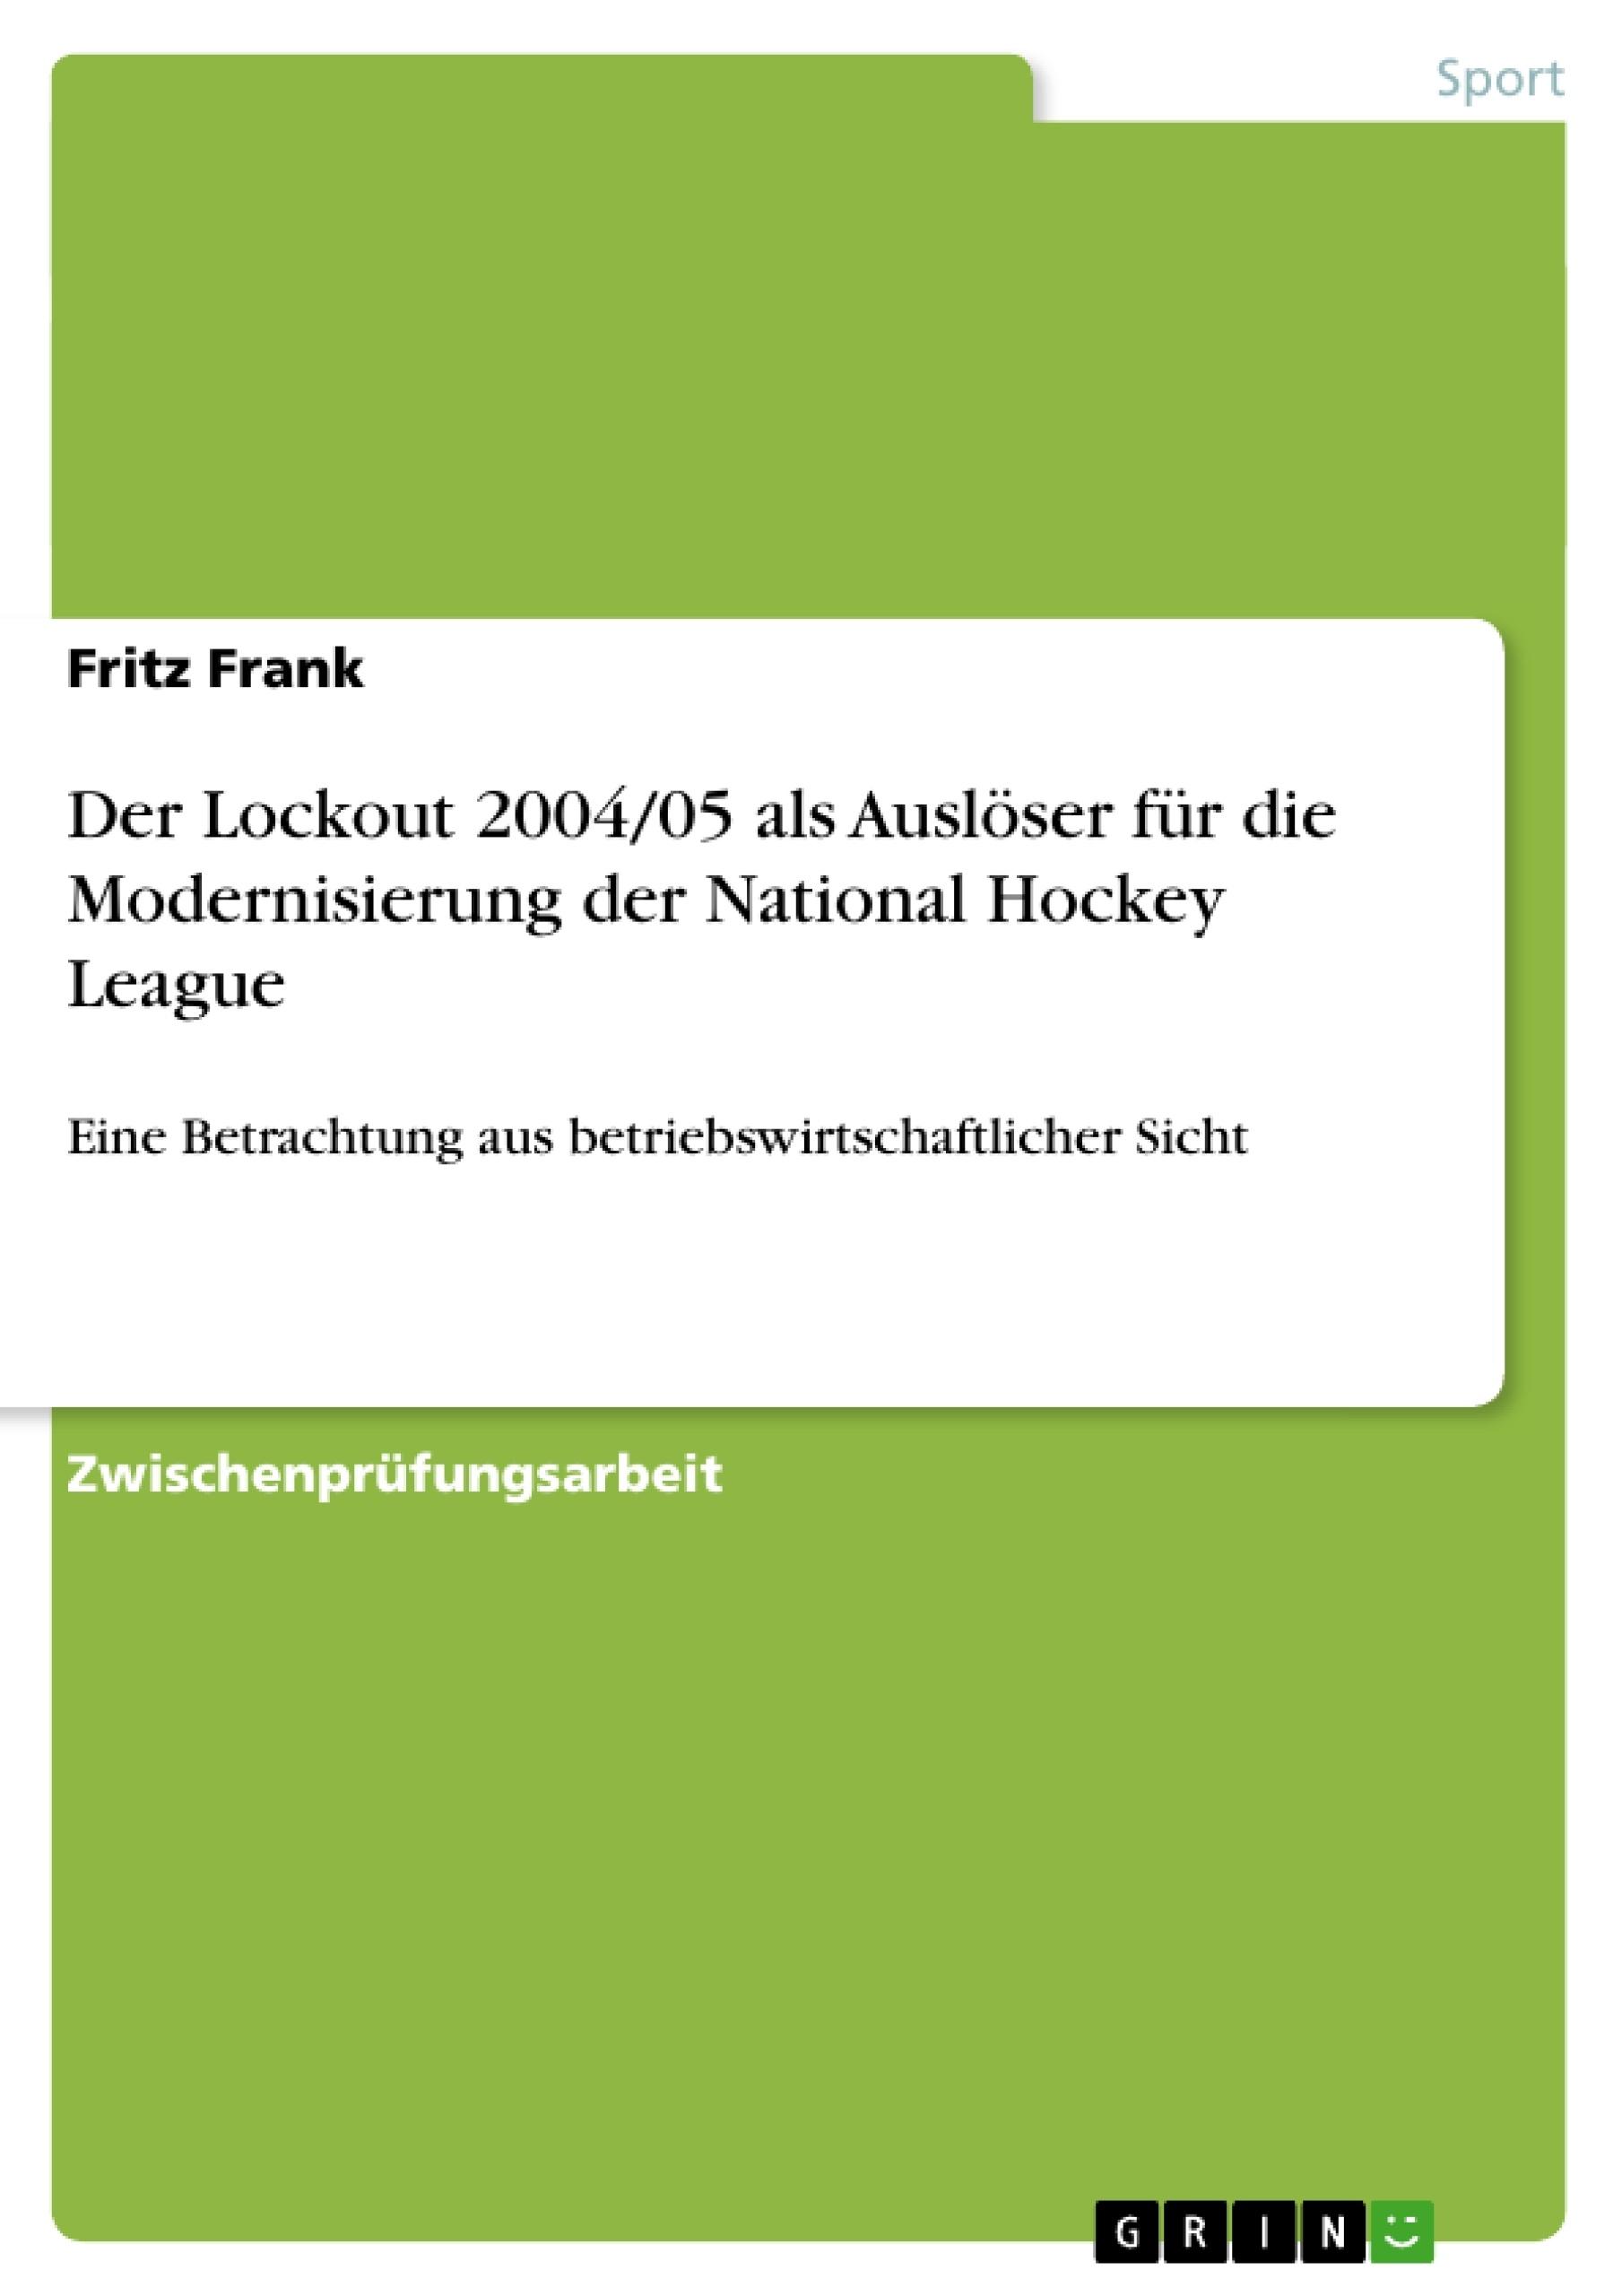 Titel: Der Lockout 2004/05 als Auslöser für die Modernisierung der National Hockey League